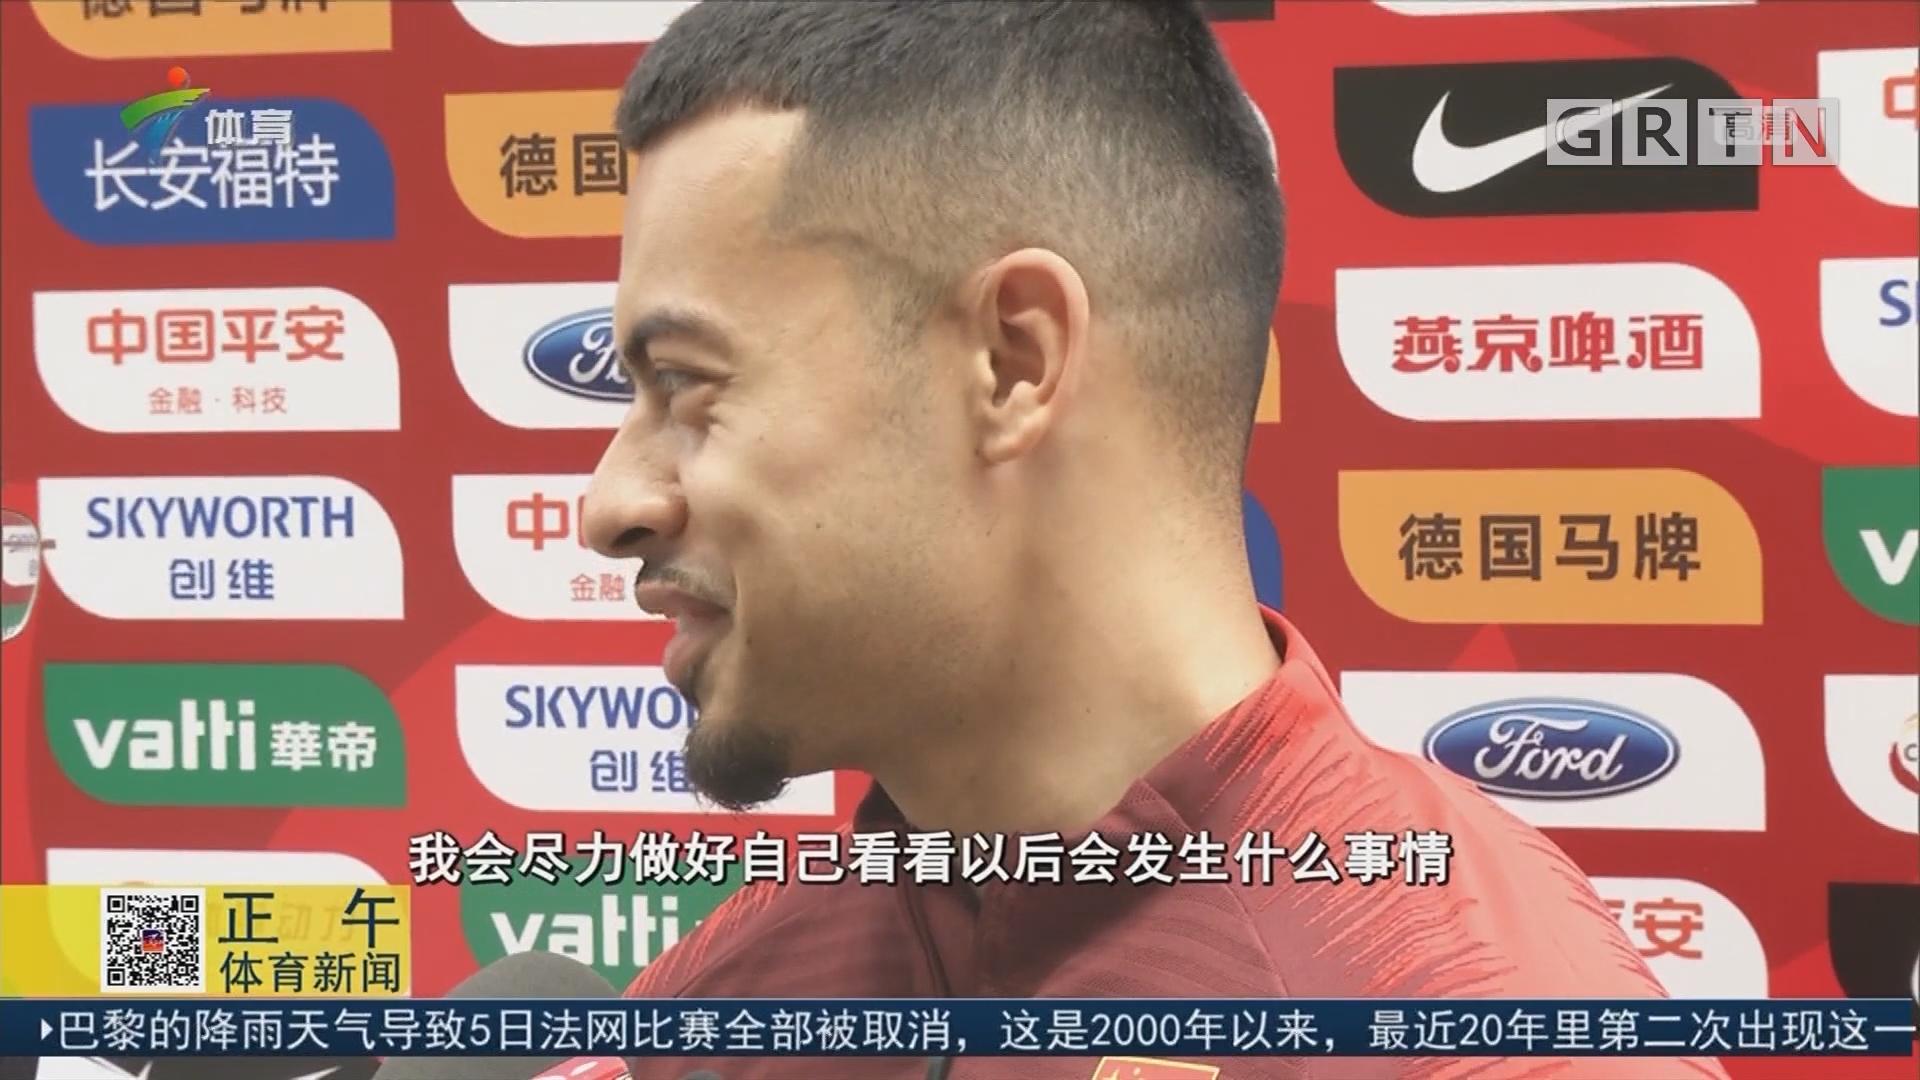 国足训练李可成焦点 为入选国家队自豪